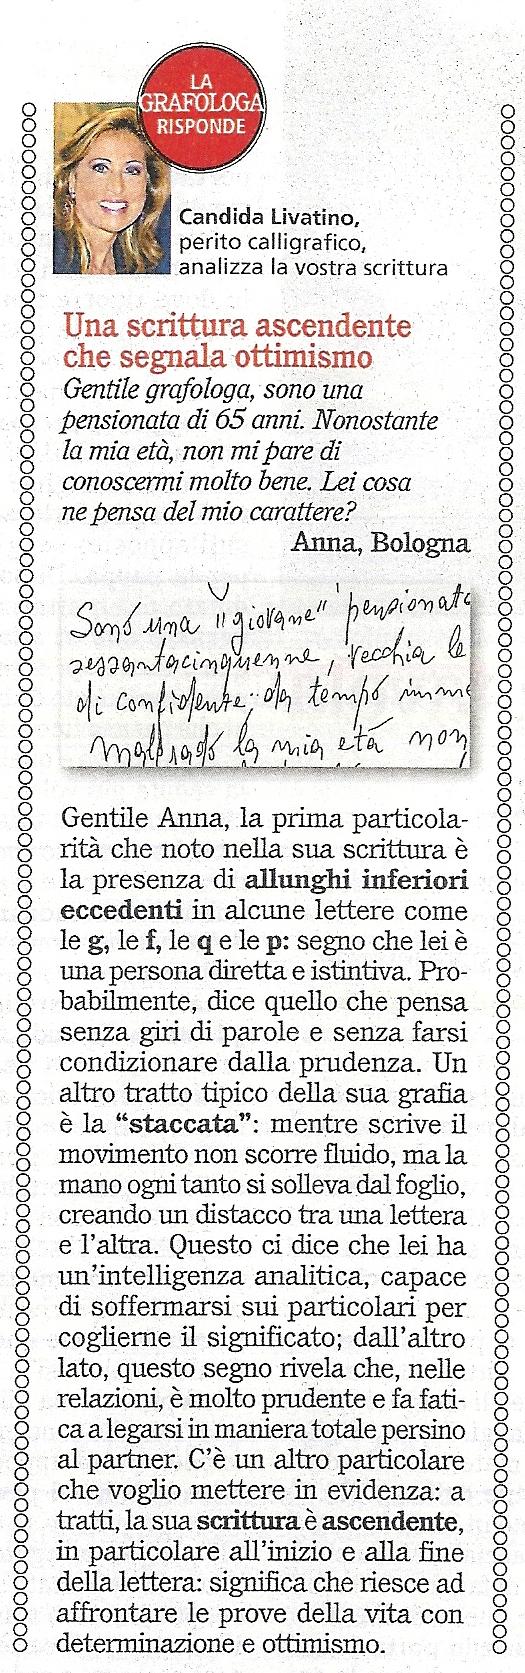 Confidenze - Gennaio 2013 - Candida Livatino